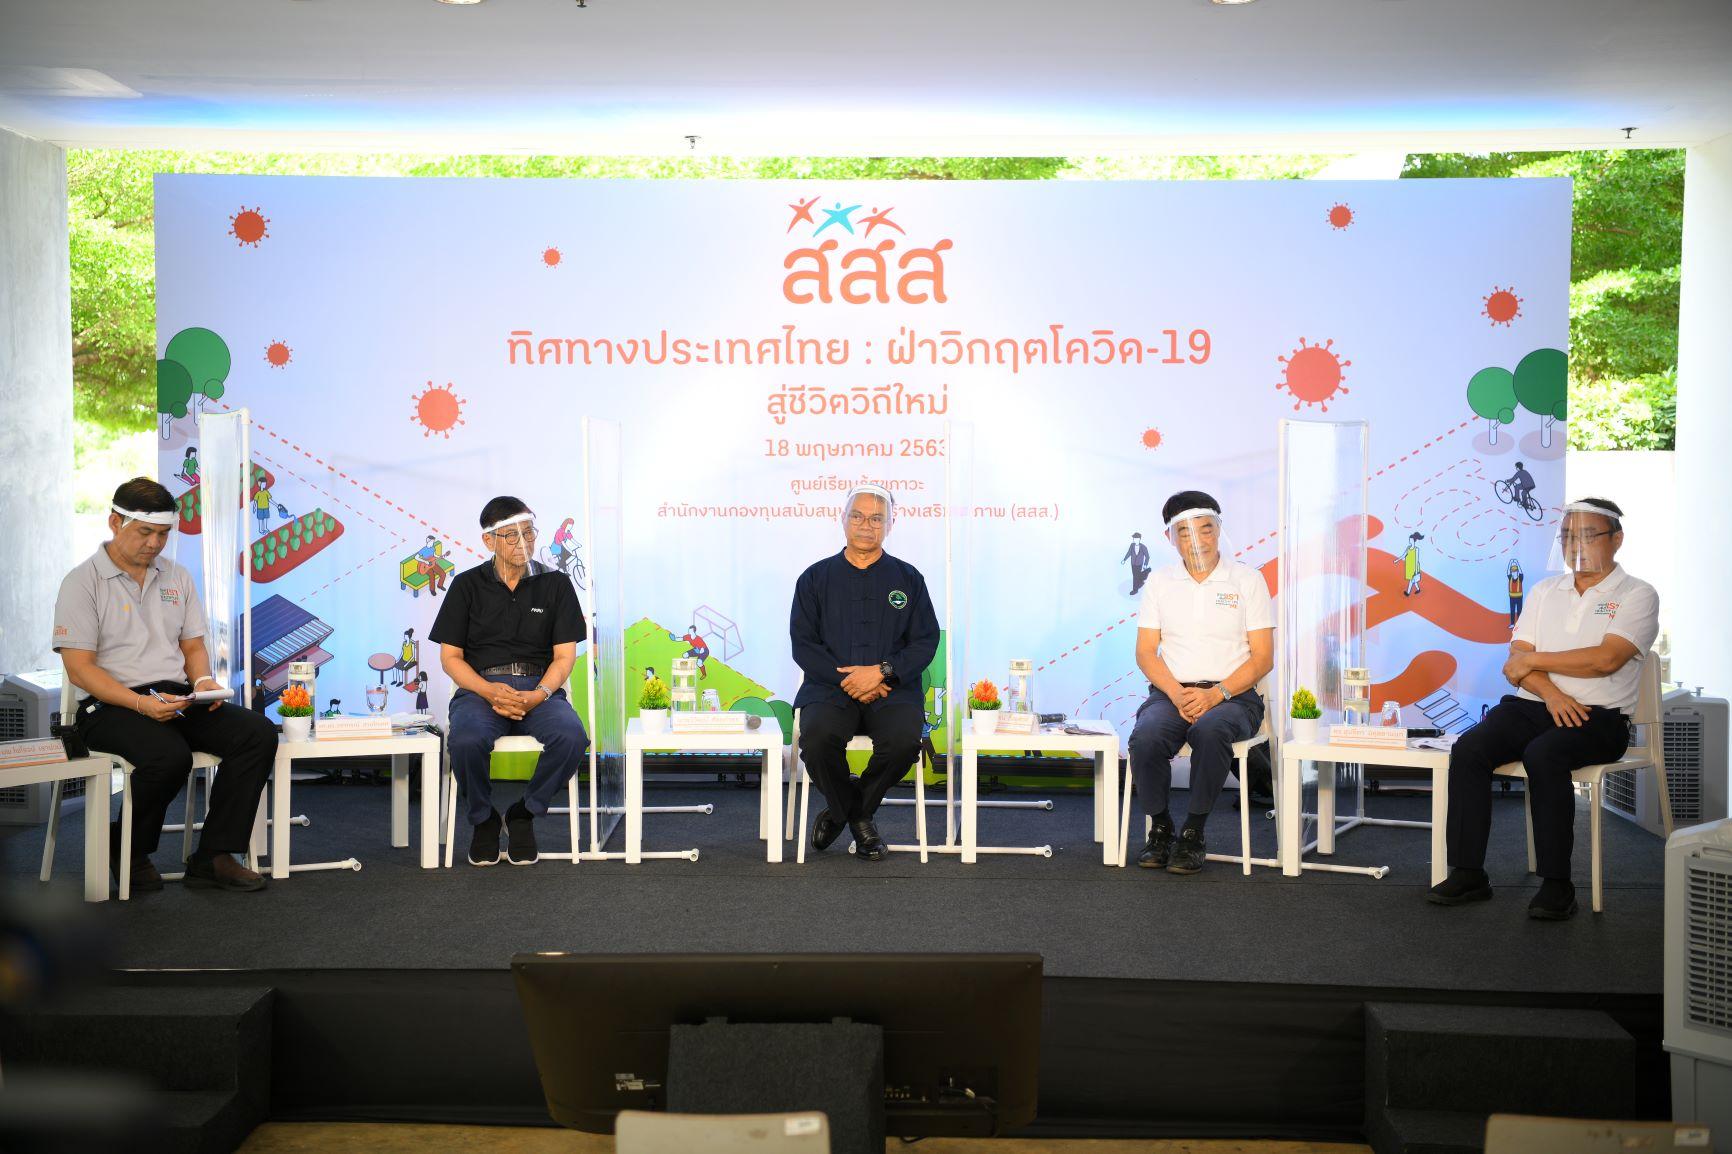 โลกเผชิญ...5 ปัญหา หลังวิกฤติโรคโควิด-19 thaihealth